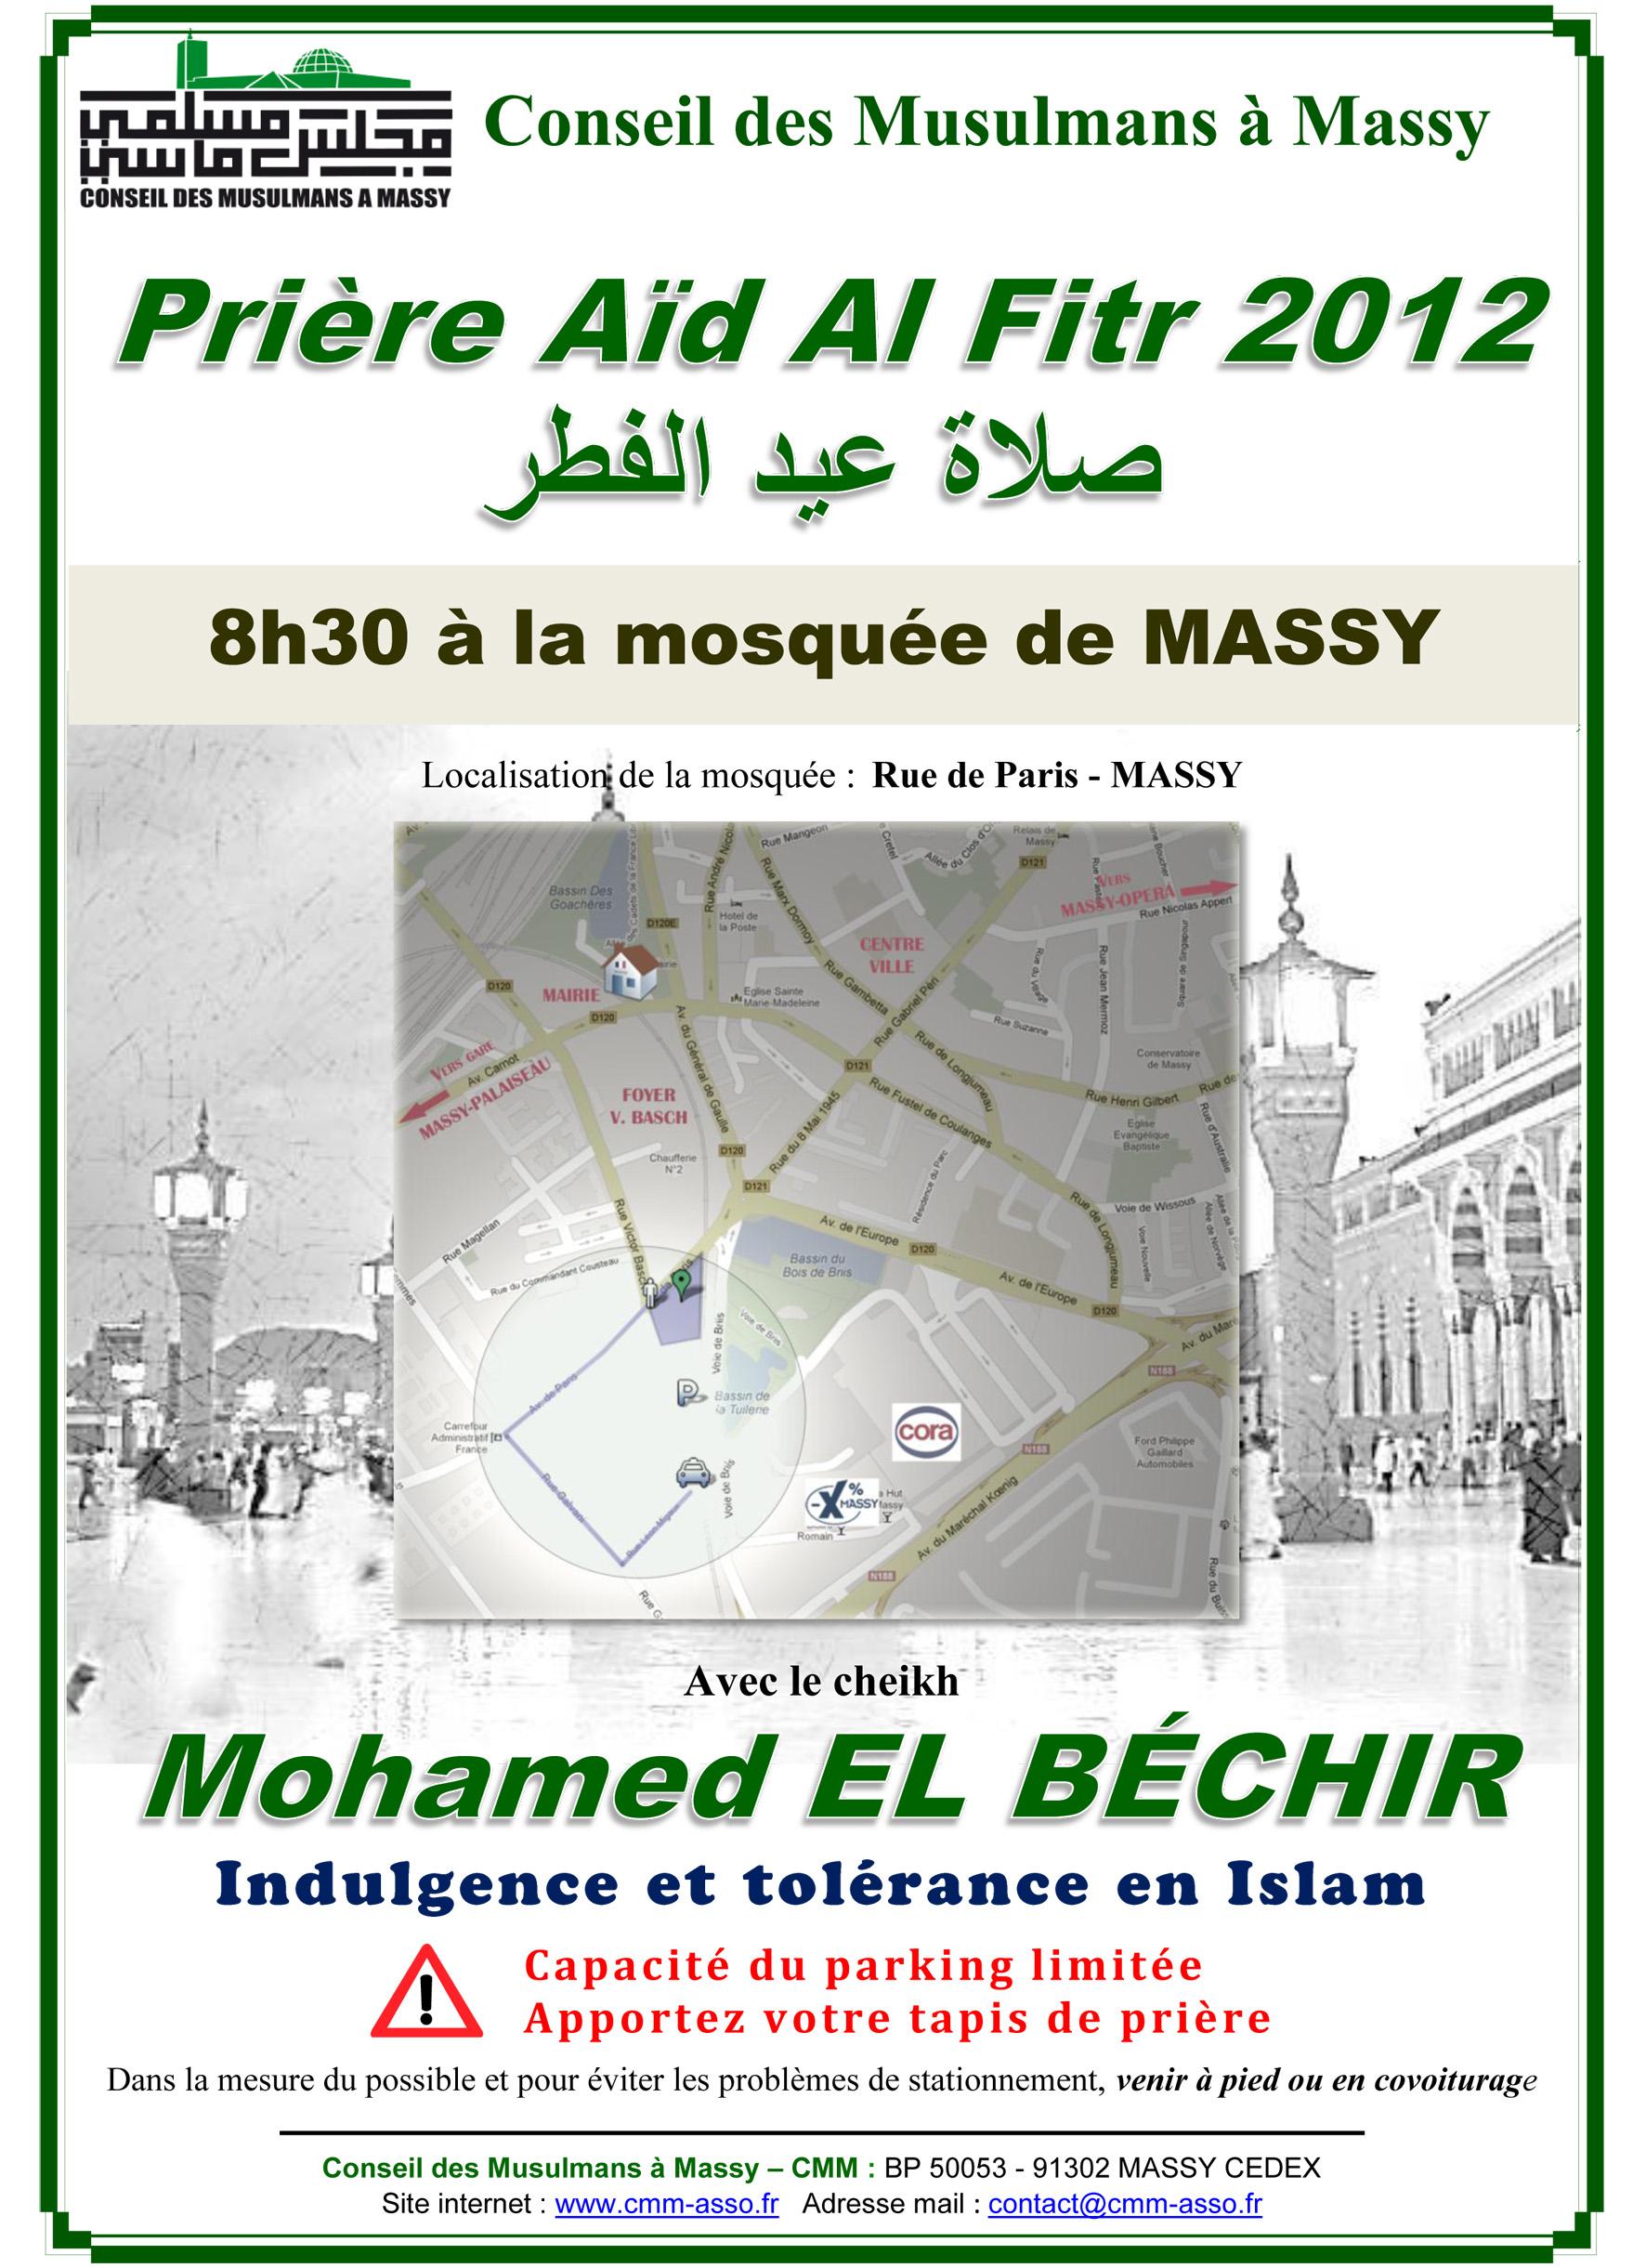 Affiche prière de l'Aïd Al Fitr 2012